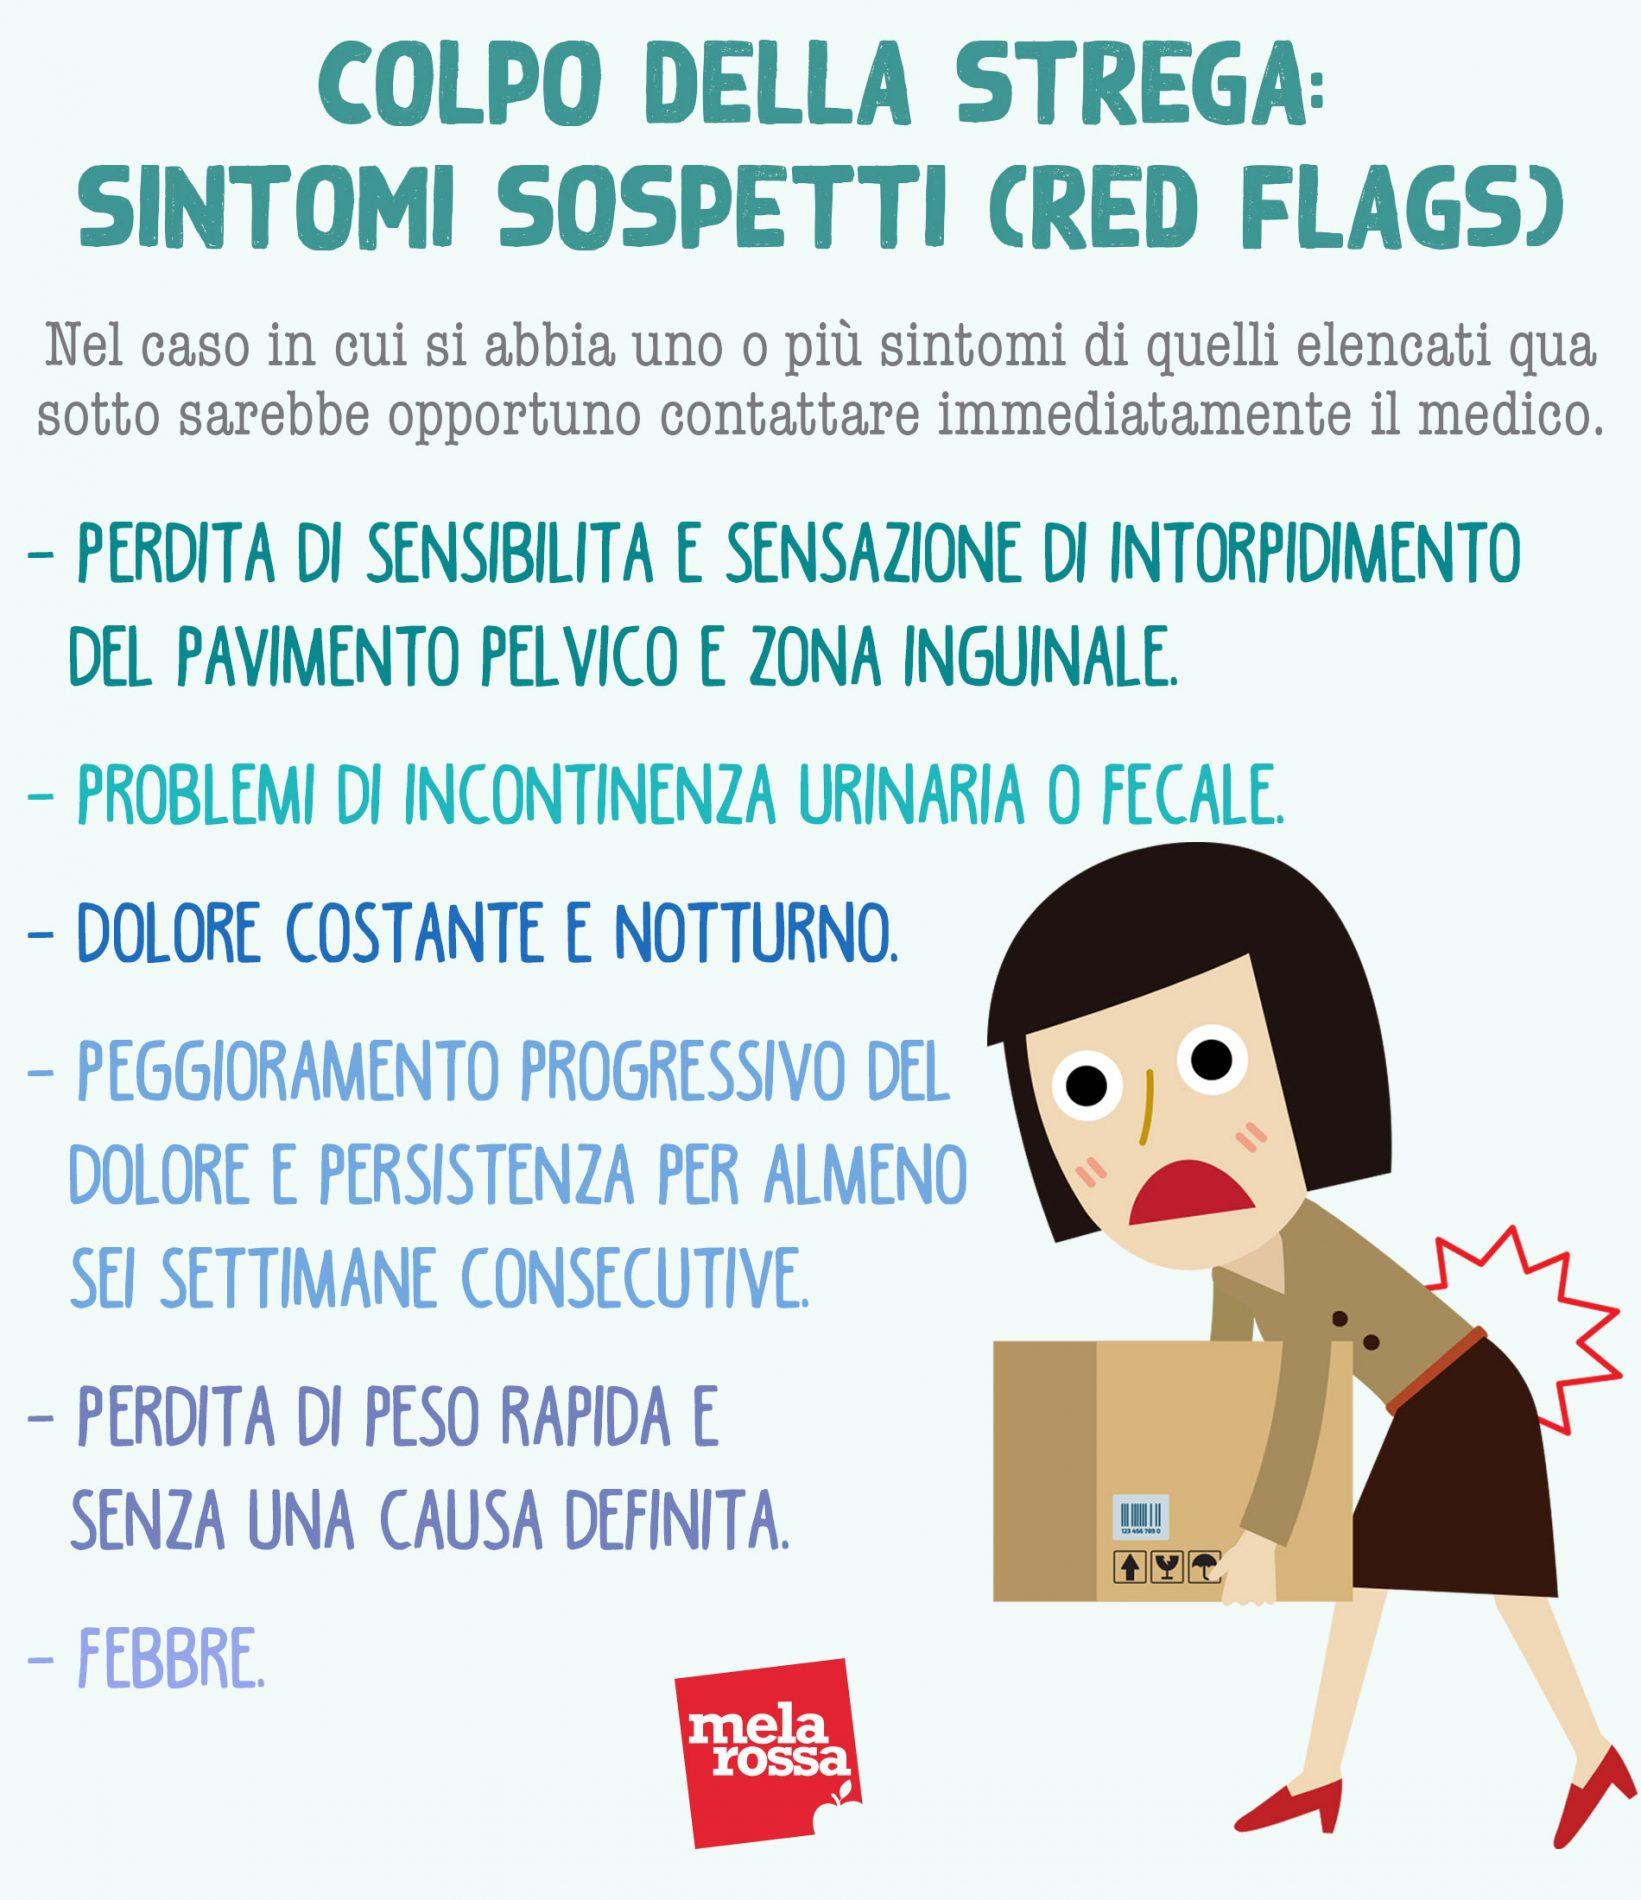 colpo della strega: sintomi  ( red flag)